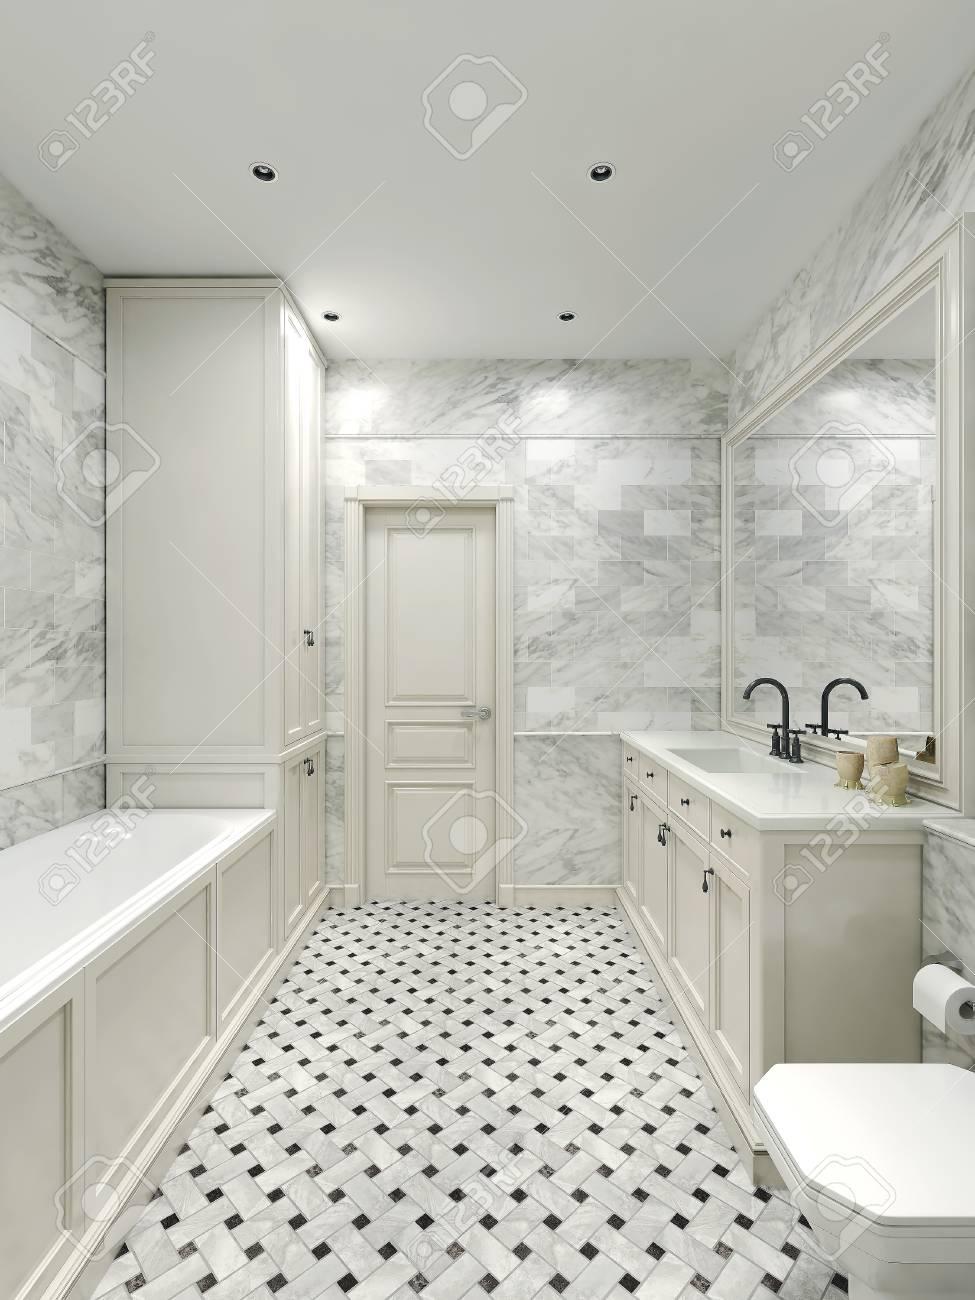 Salle de bains de style Art Déco, images 3D